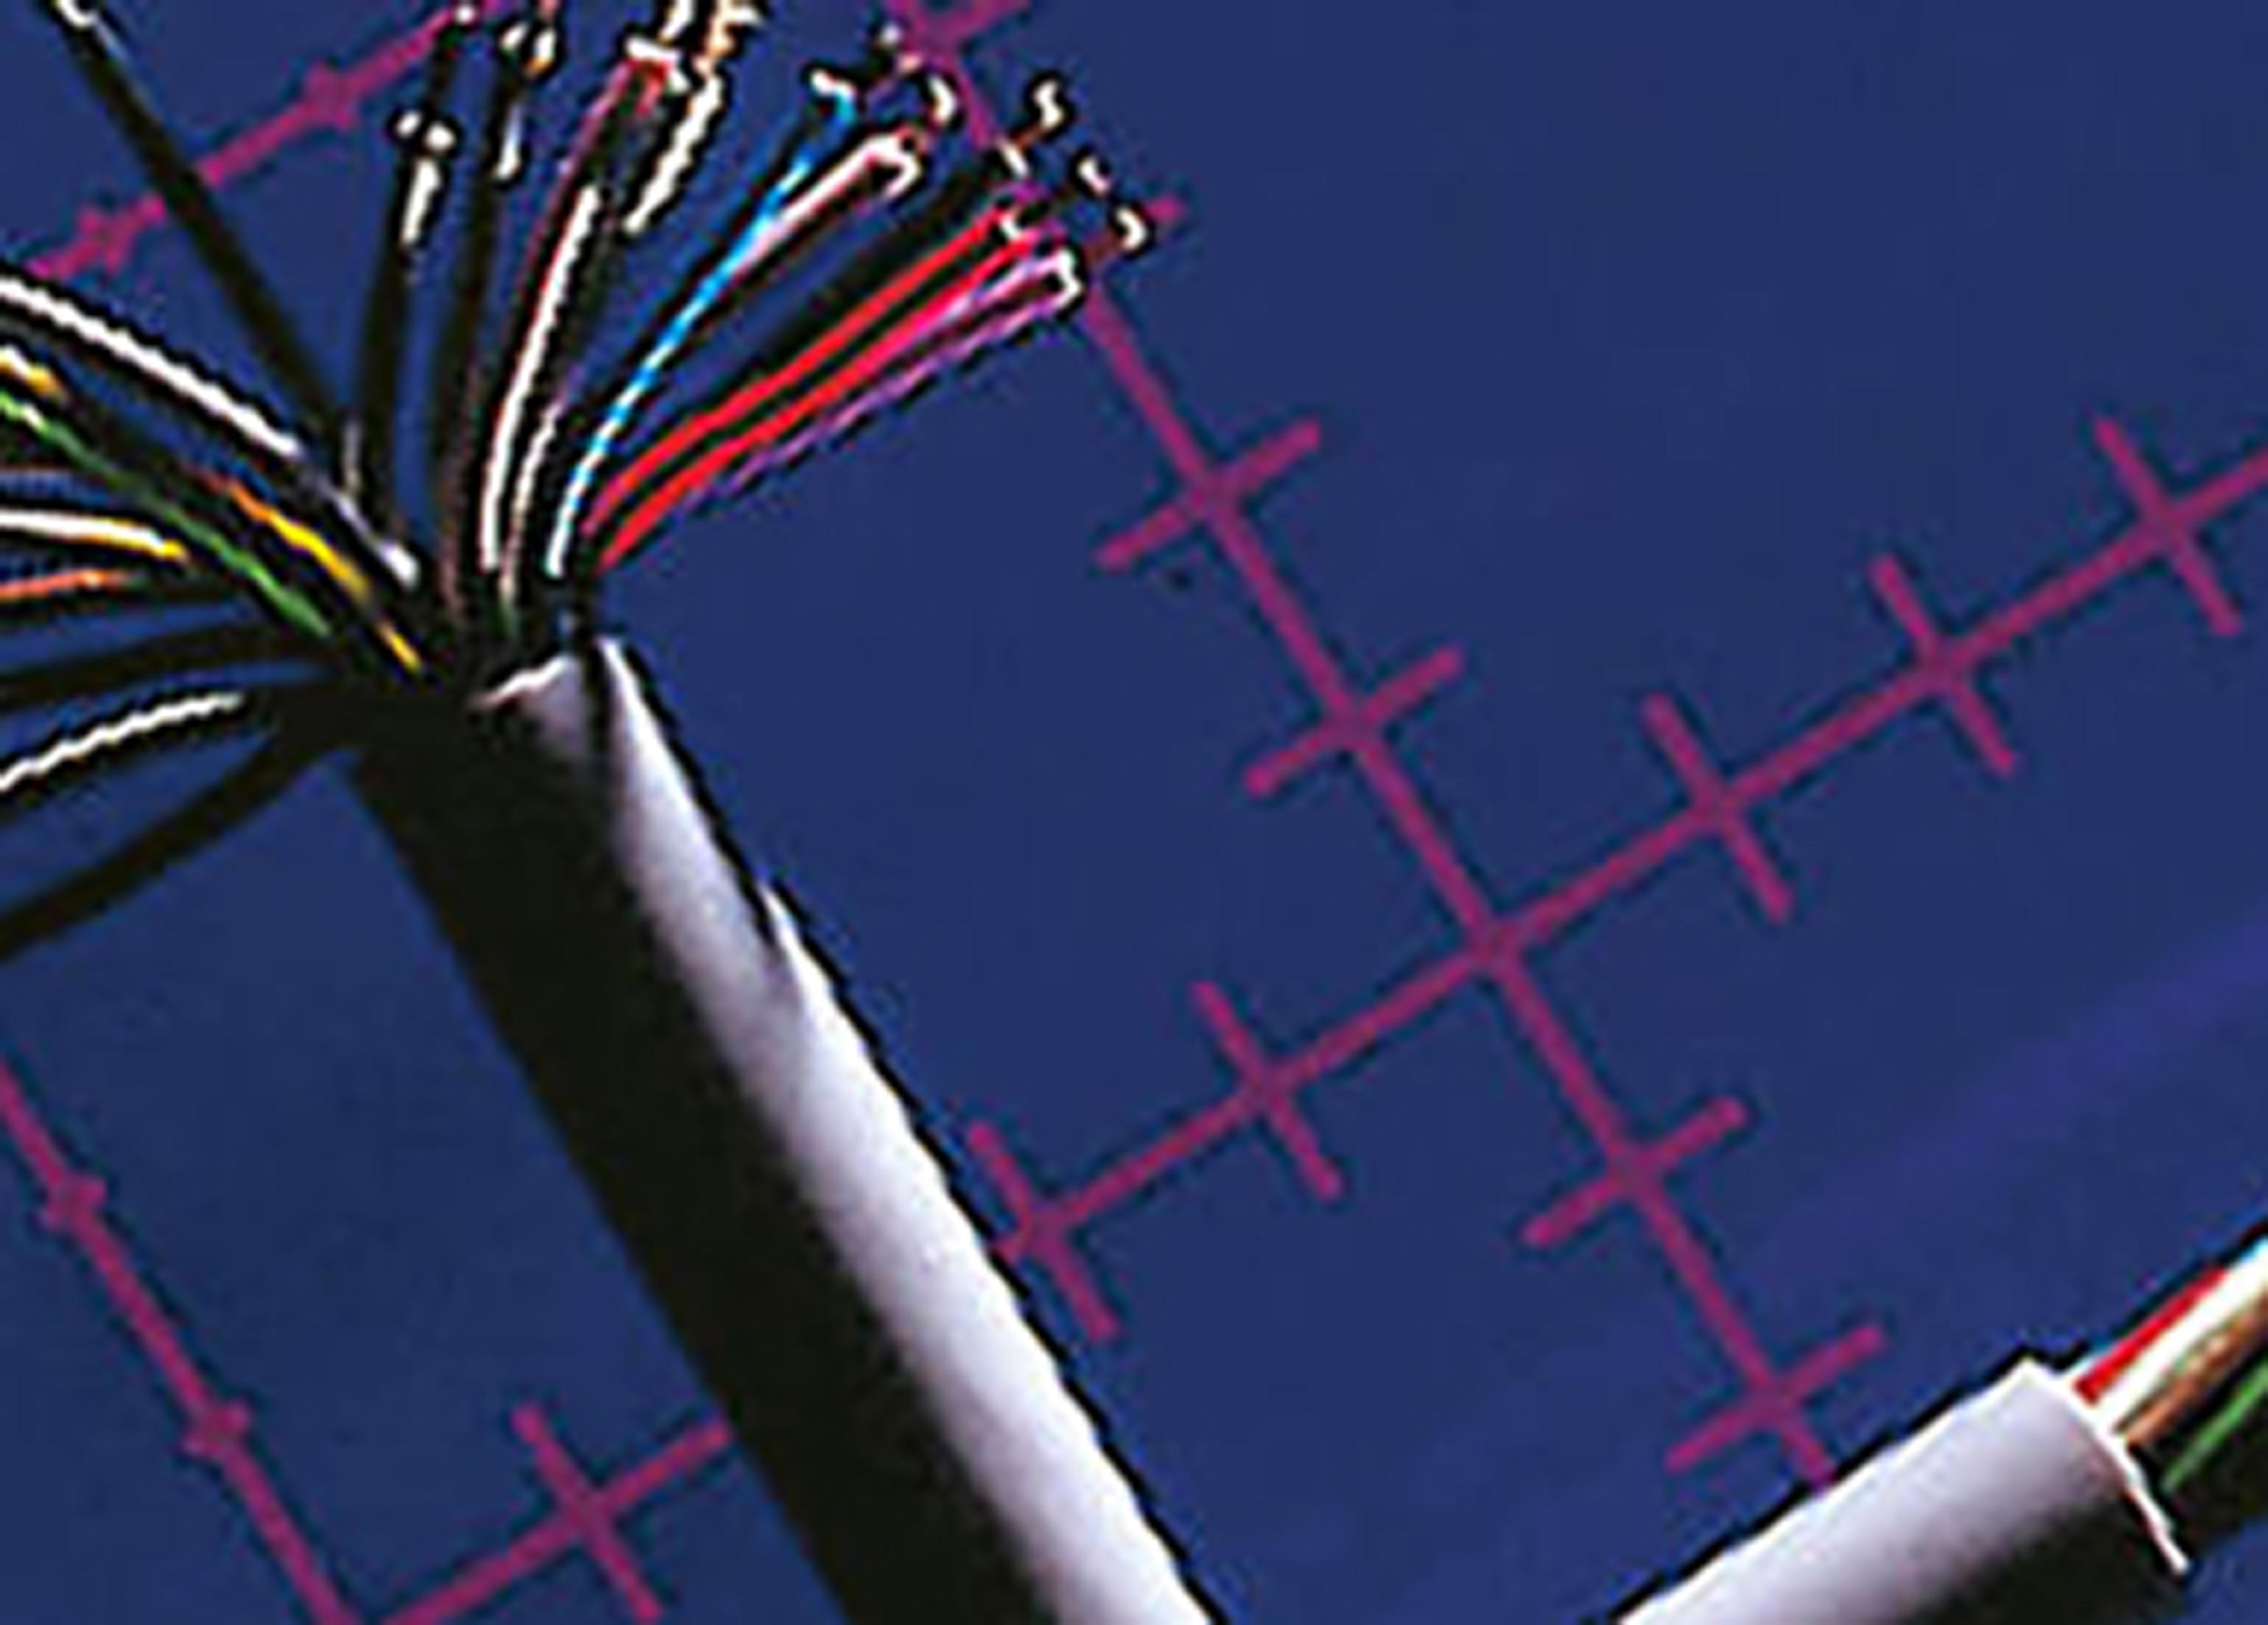 Data, Sensor Cables